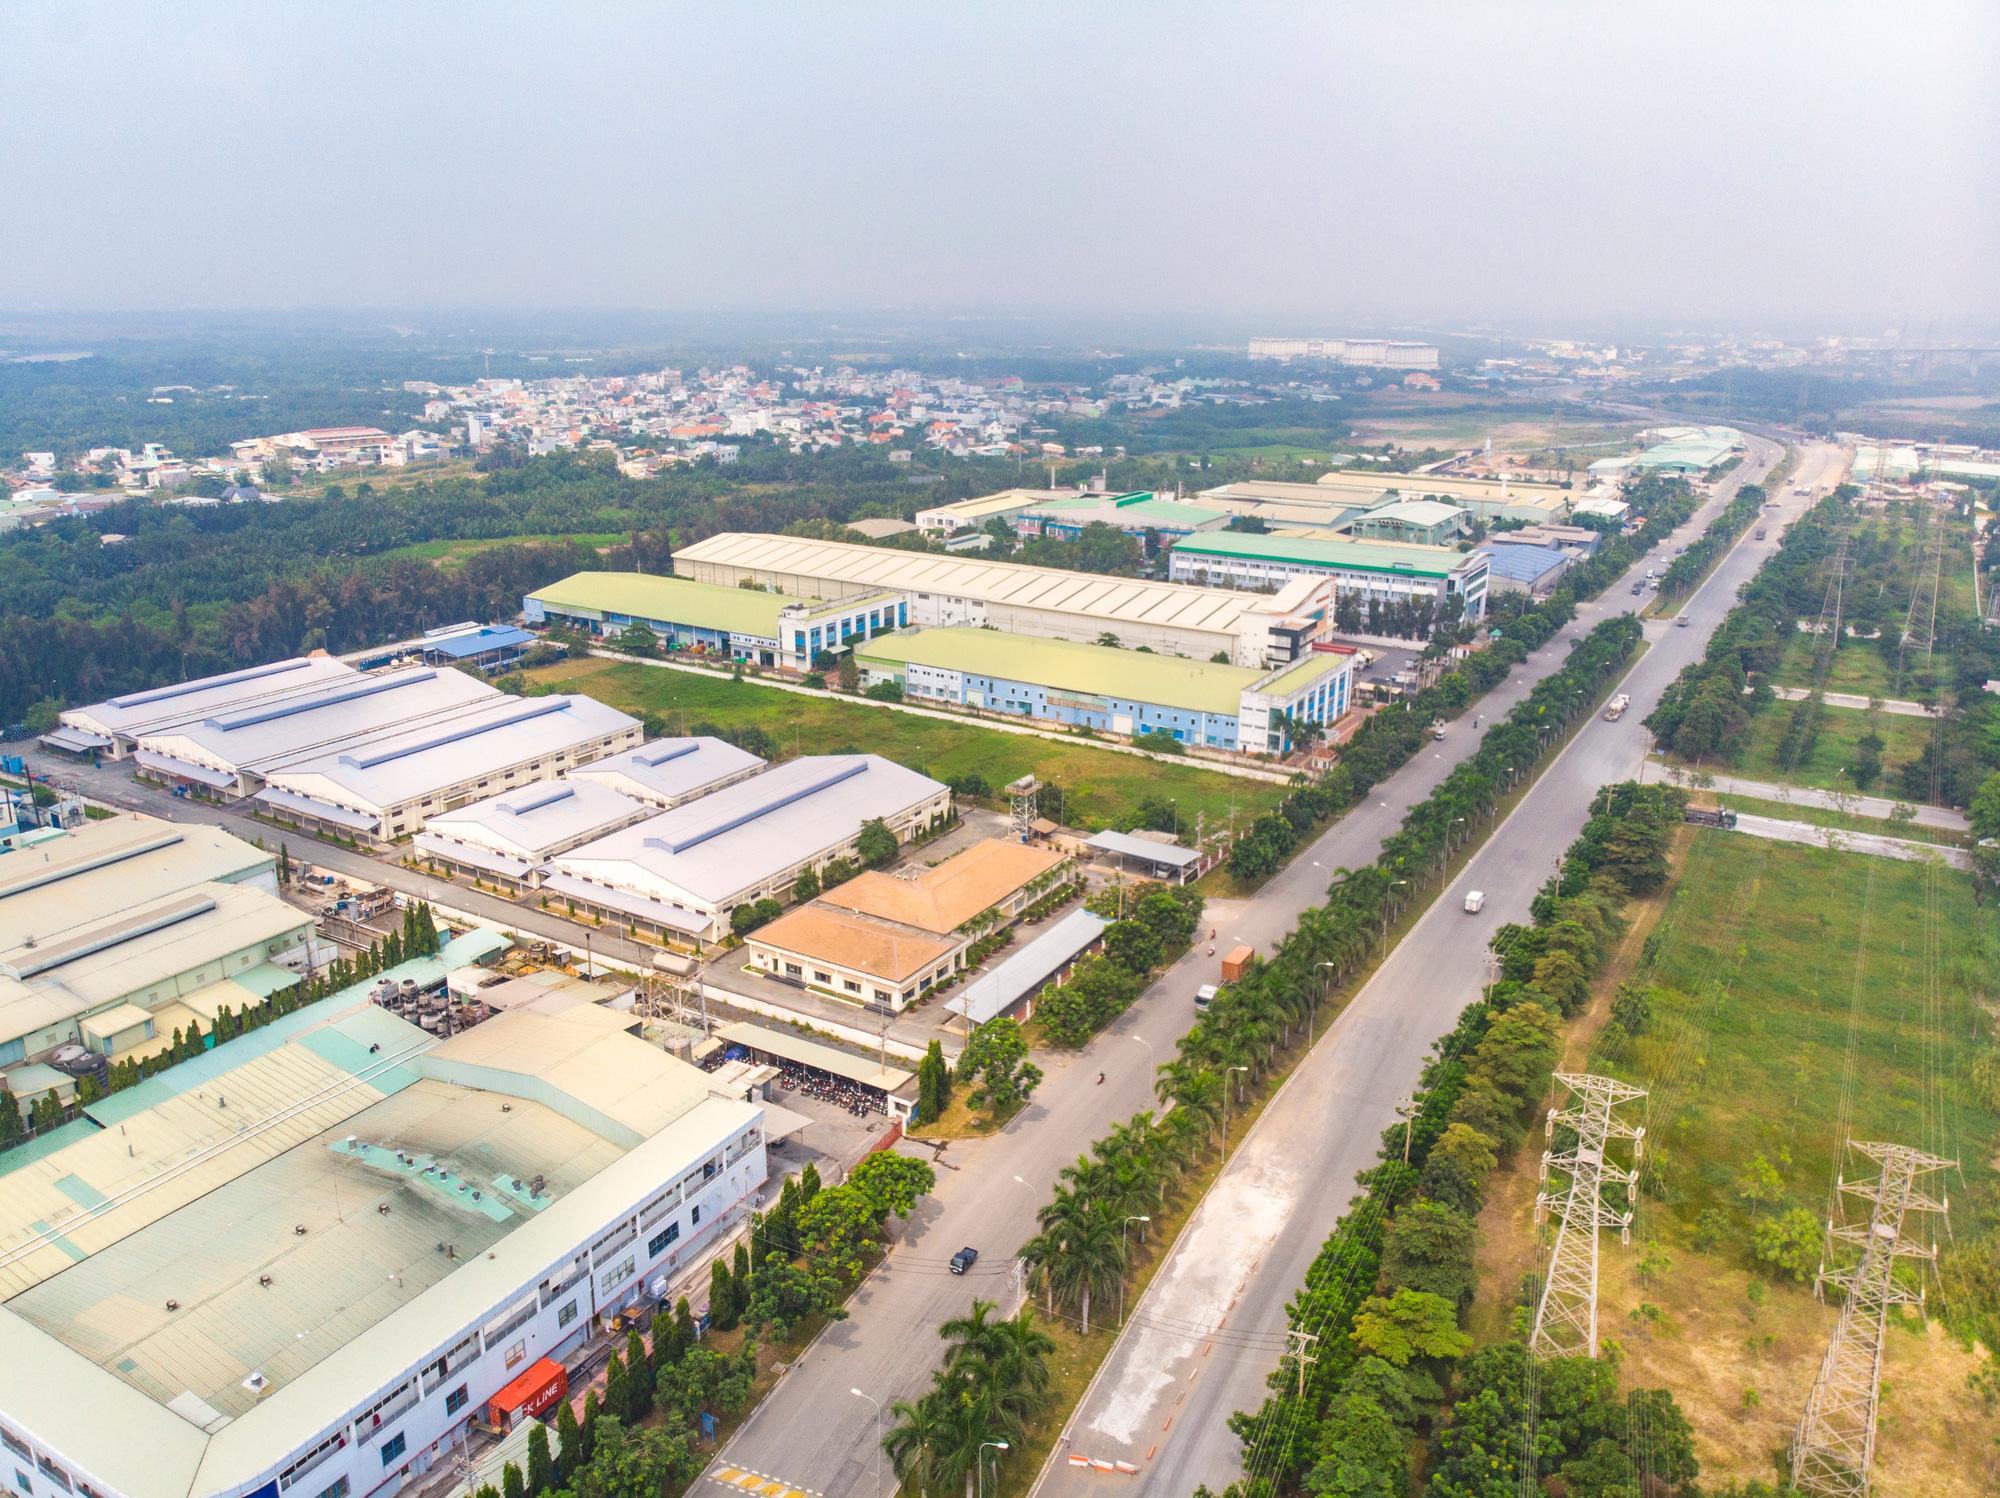 Thành lập Cụm công nghiệp Vĩnh Hòa 35 ha tại Thanh Hóa - Ảnh 1.